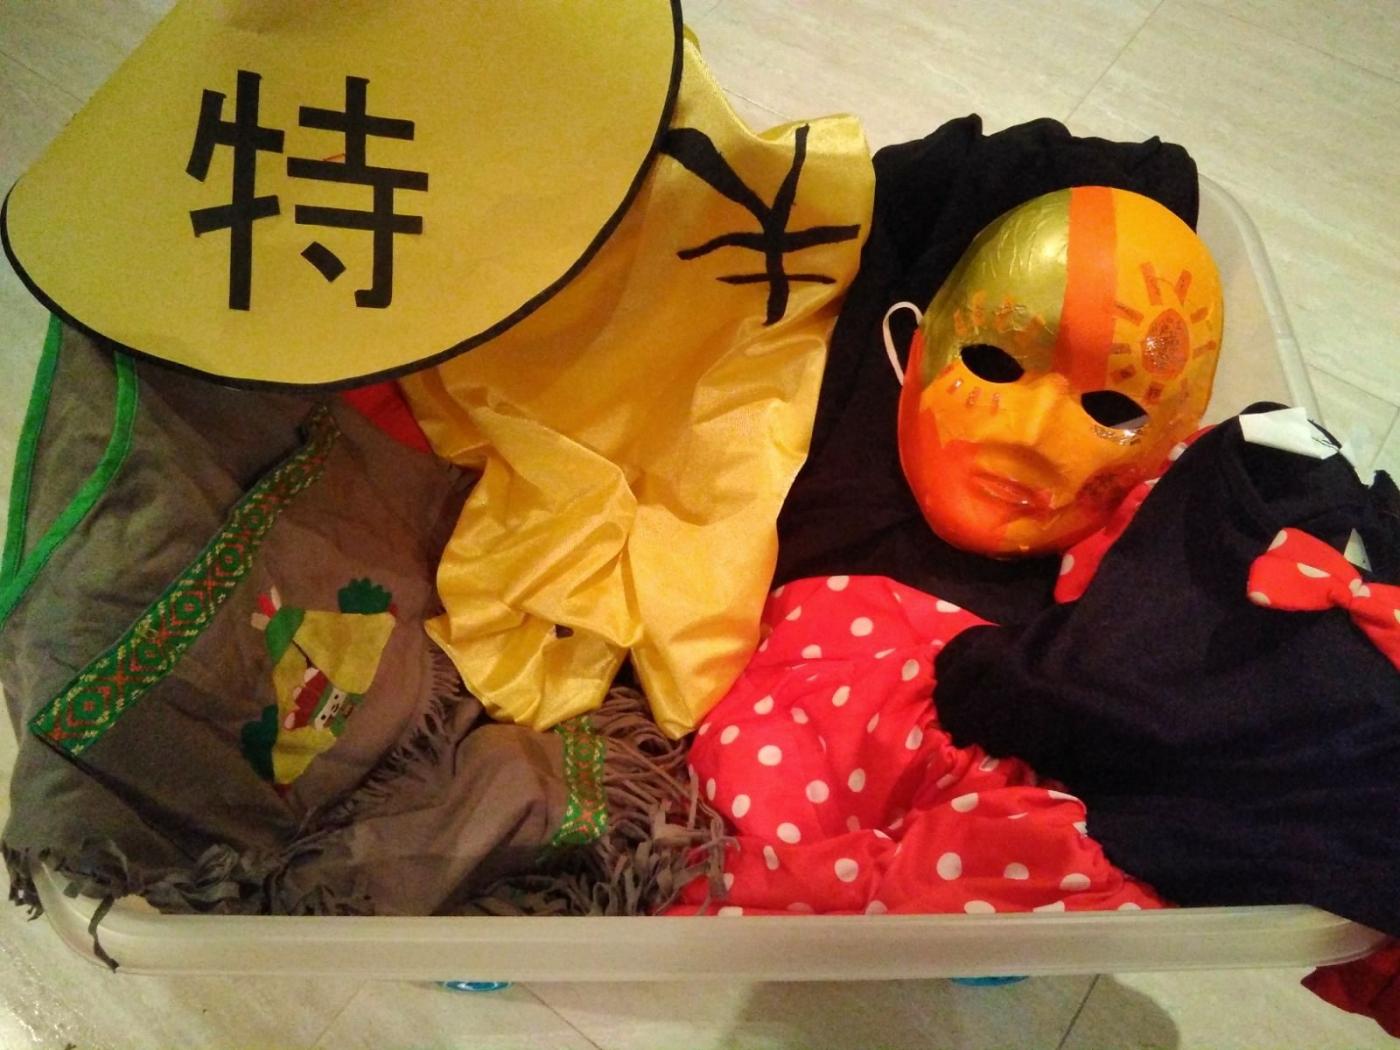 Carnaval 21: Activeu la fantasia i la imaginació